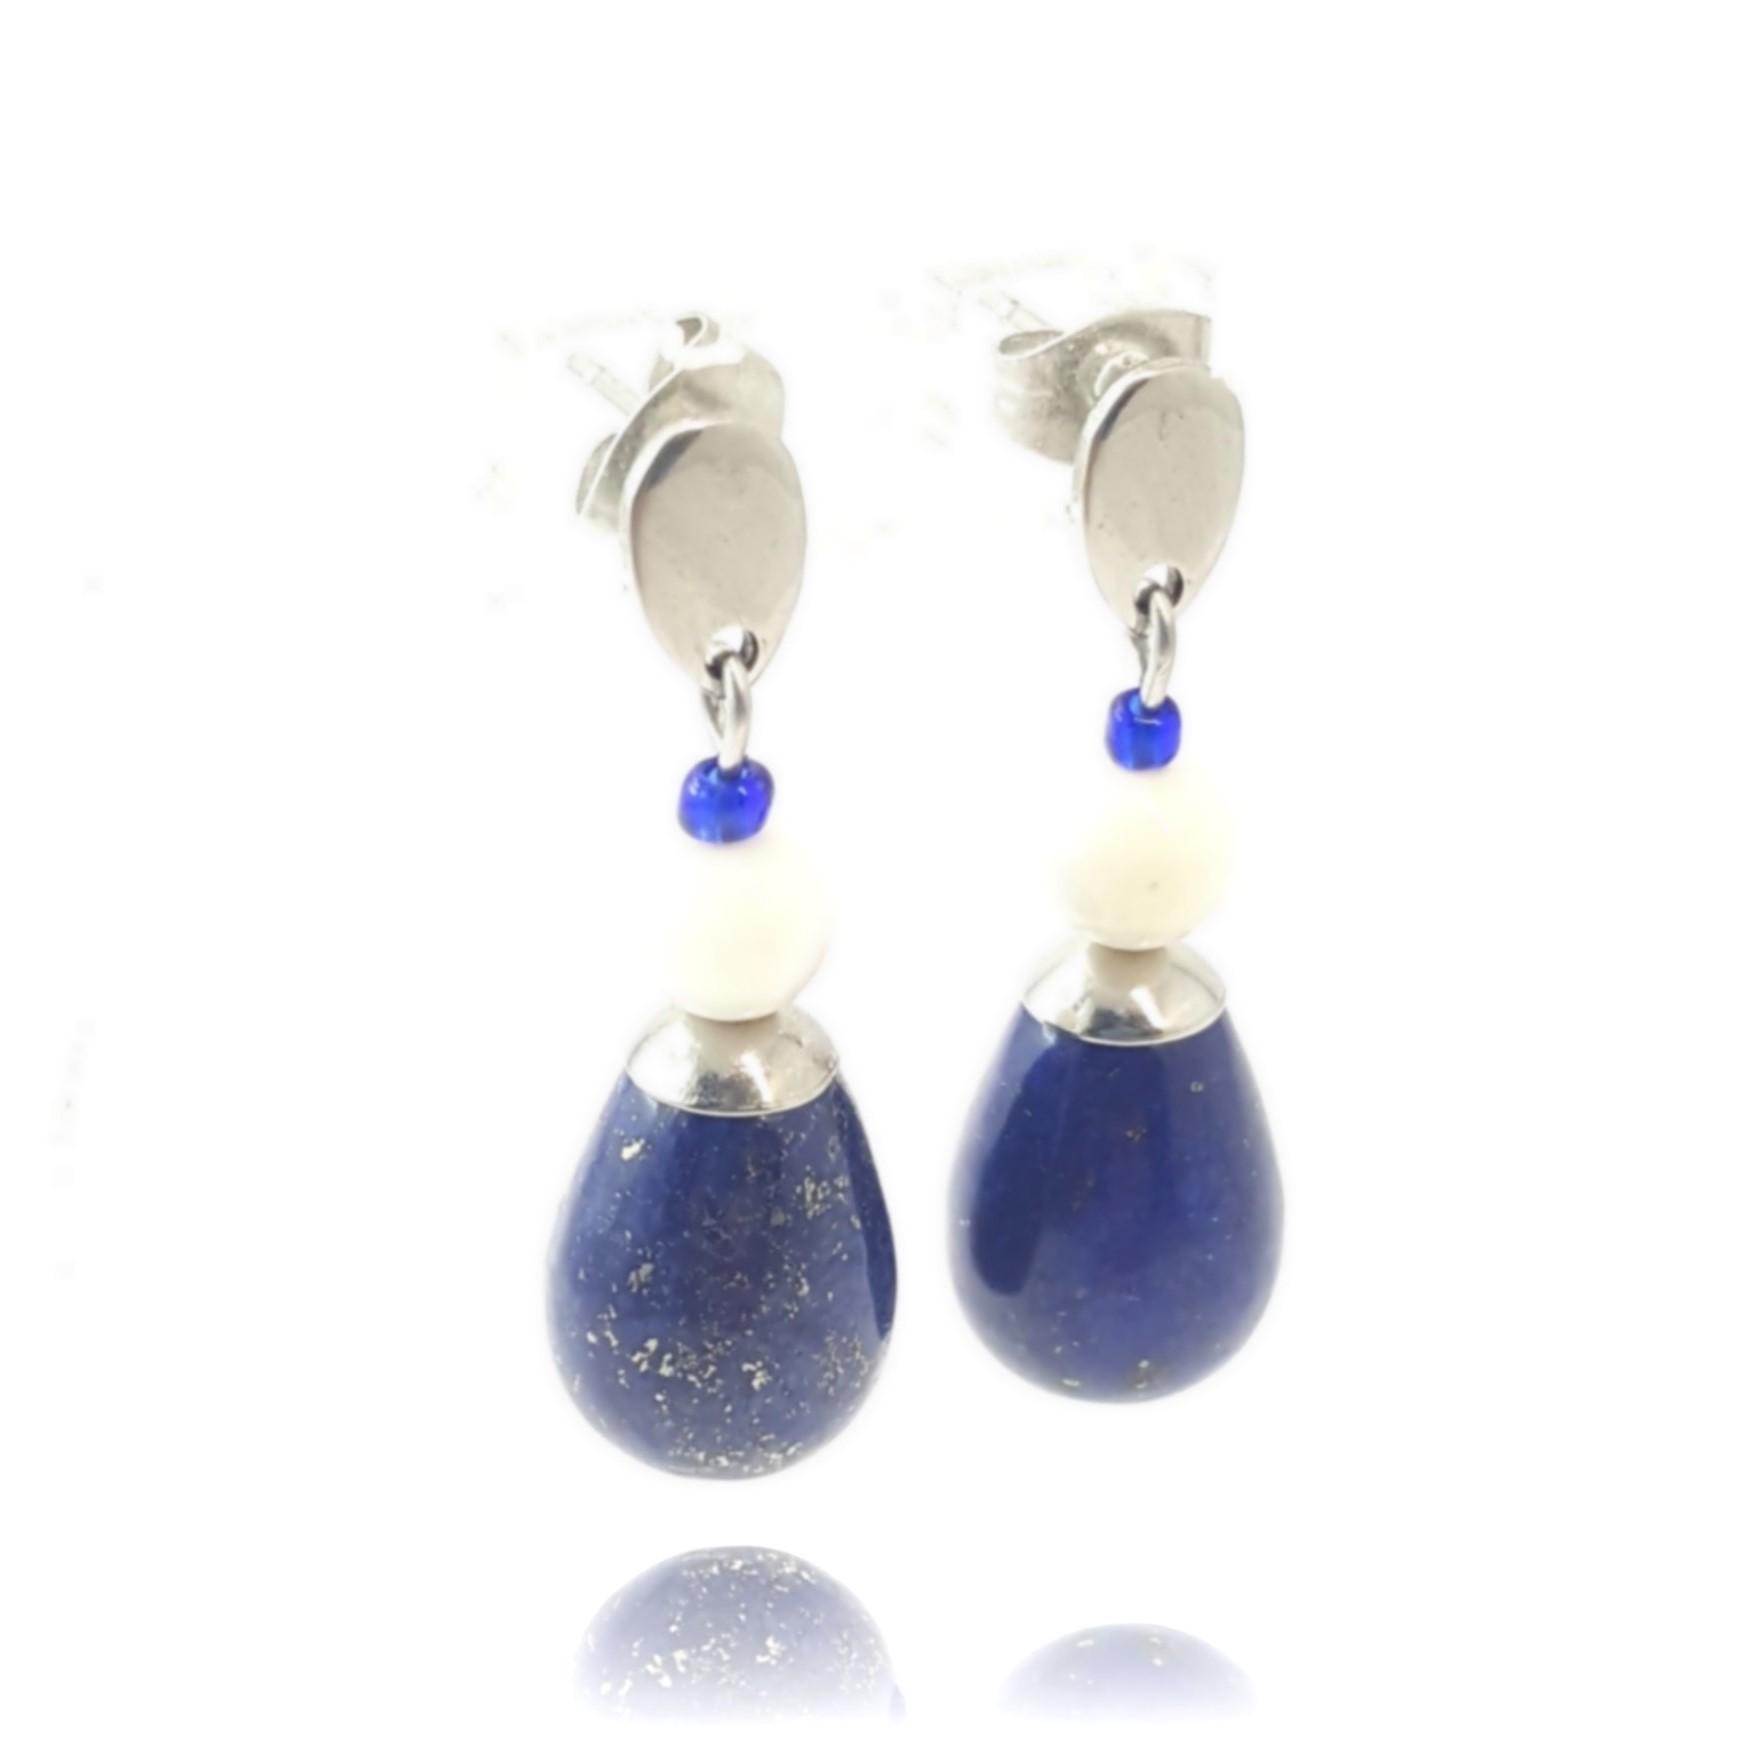 Boucles d'oreilles lapis lazuli et nacre - identités bijoux